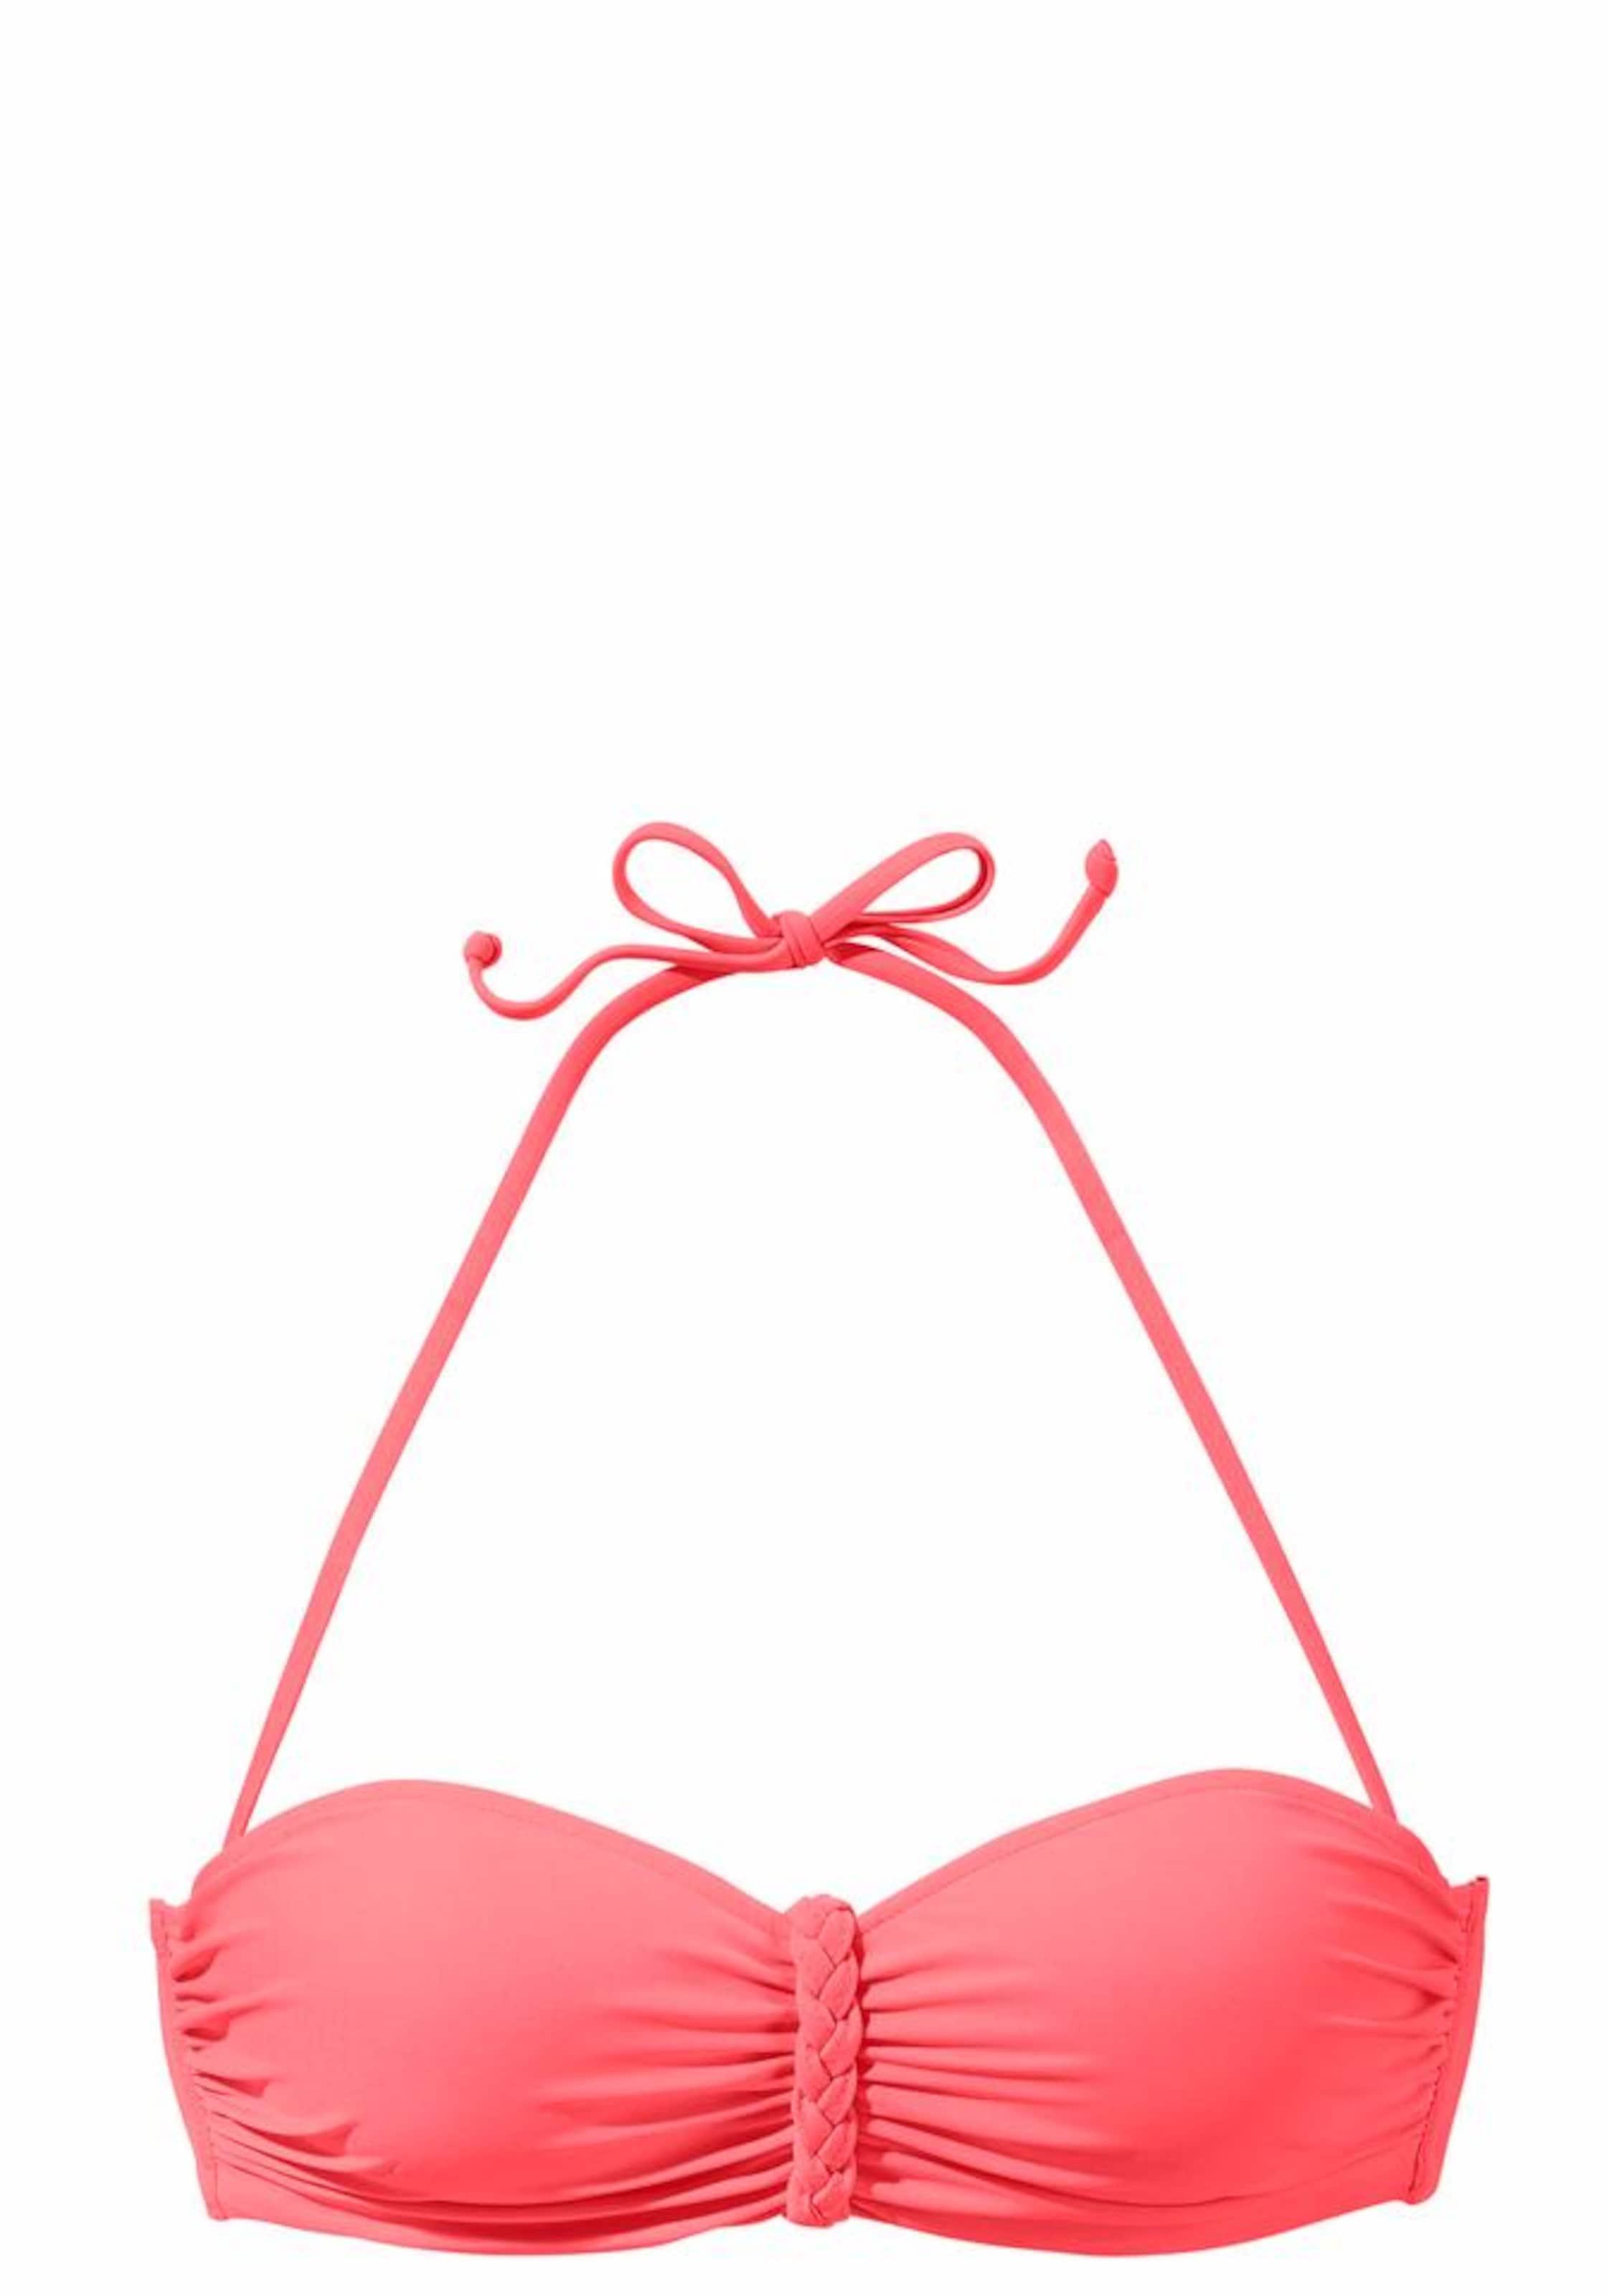 BUFFALO Bügel-Bandeau-Bikini Kaufen Sie Günstig Online Einkaufen Genießen Günstig Online Verkauf Der Billigsten Outlet Mode-Stil AKnpRMI6Ov